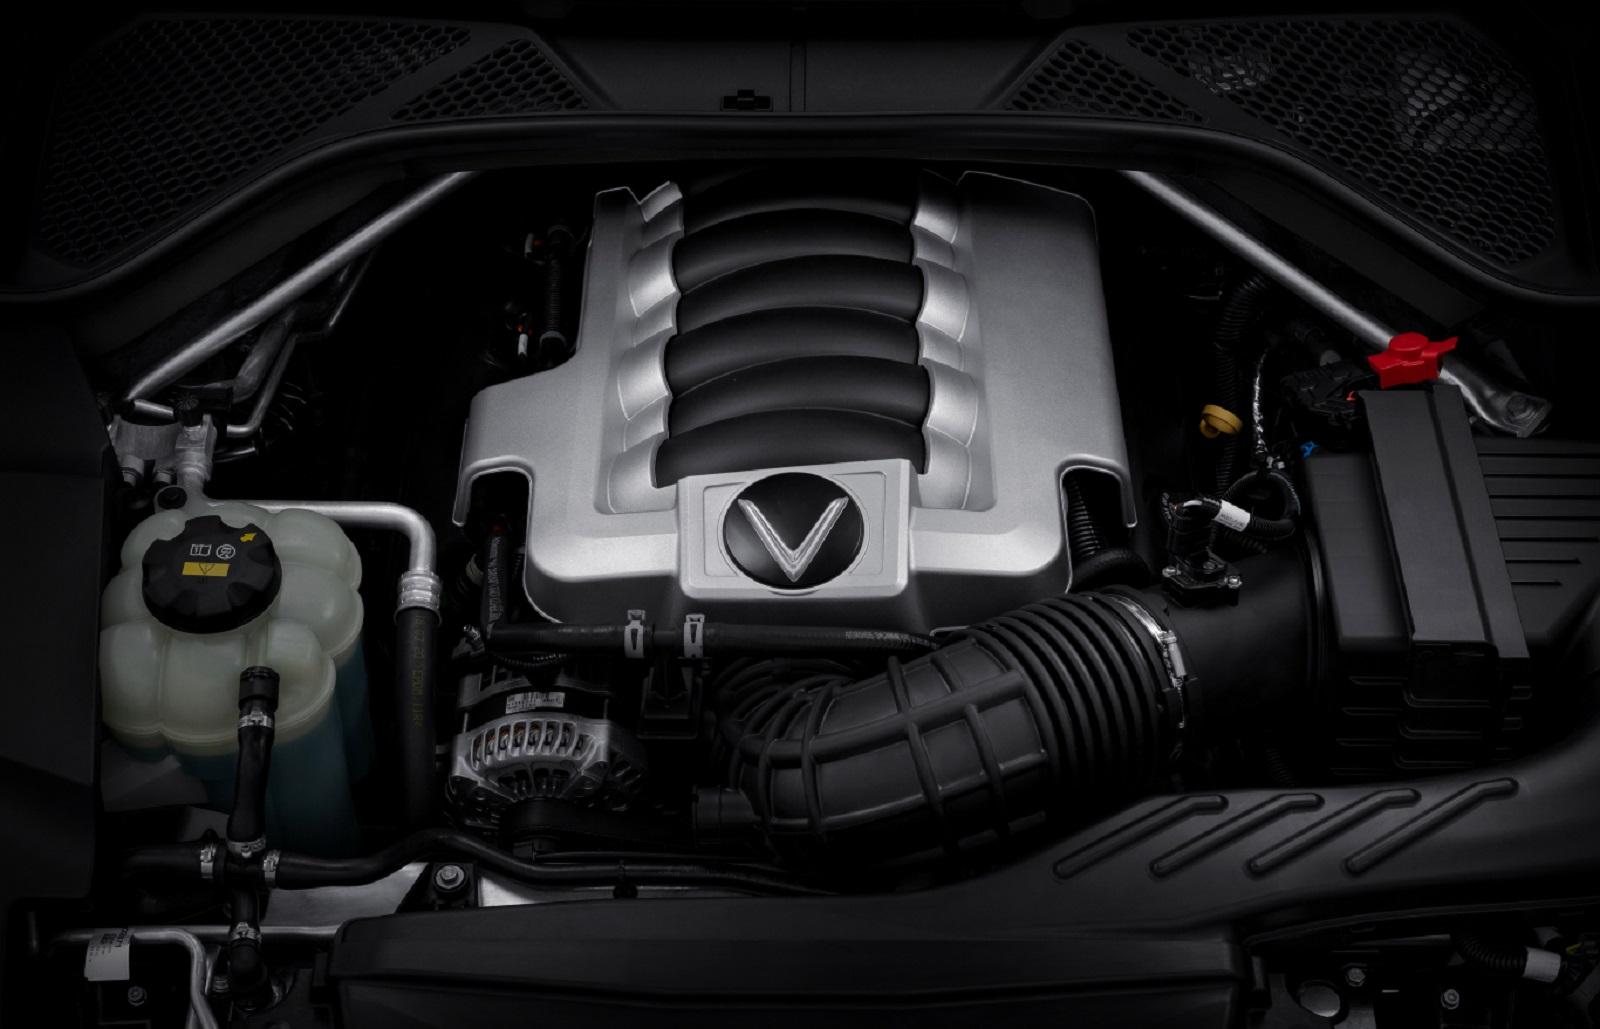 Xy lanh động cơ và nguyên lý hoạt động của trái tim chiếc xe